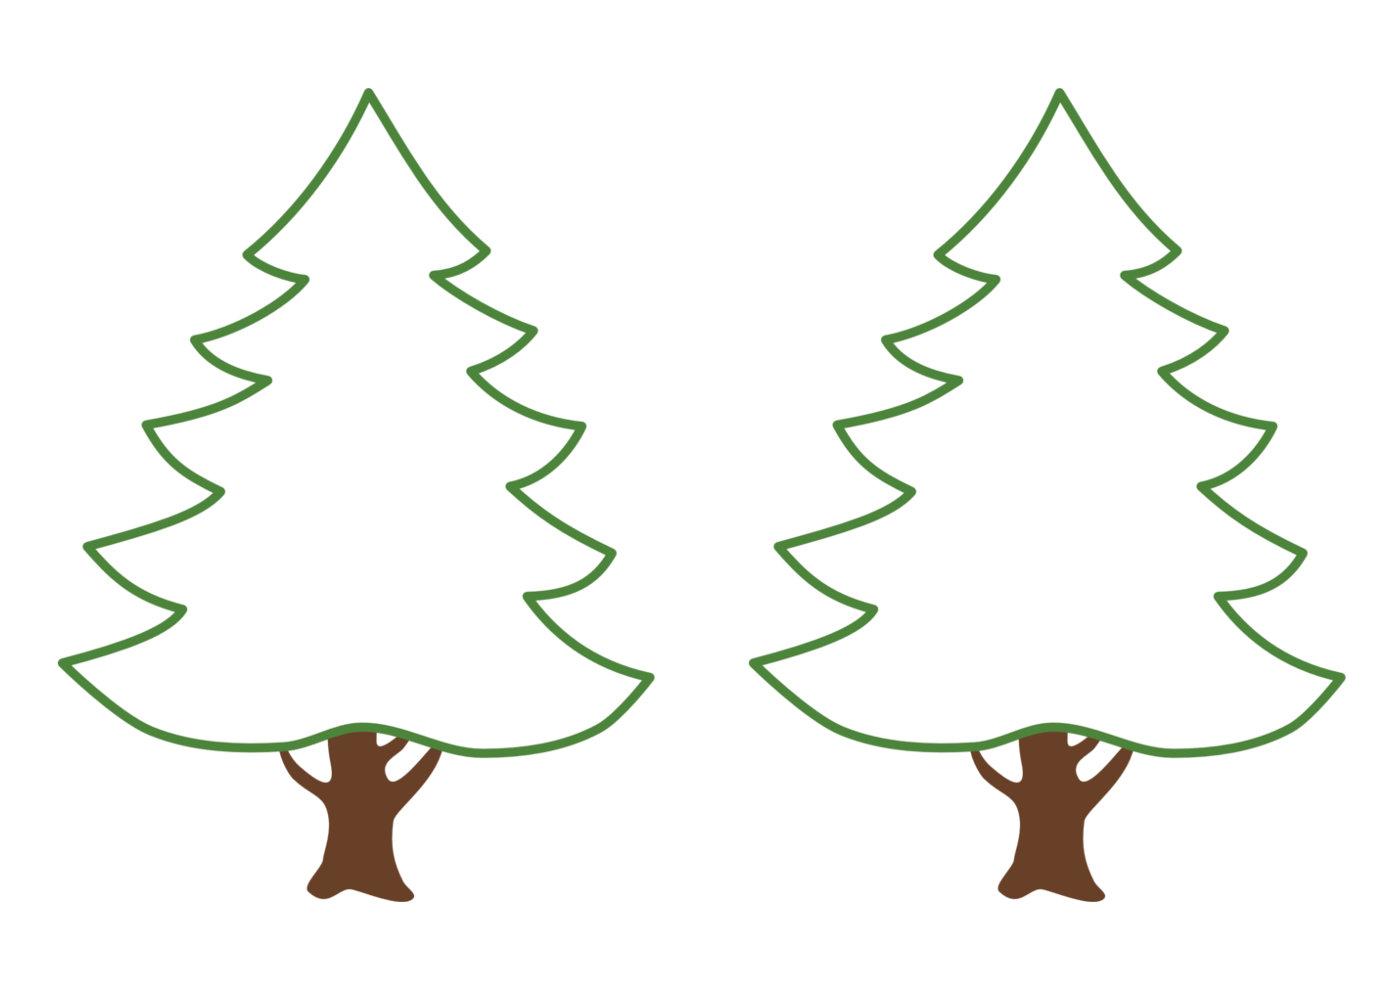 Новогодняя открытка своими руками: как нарисовать елку